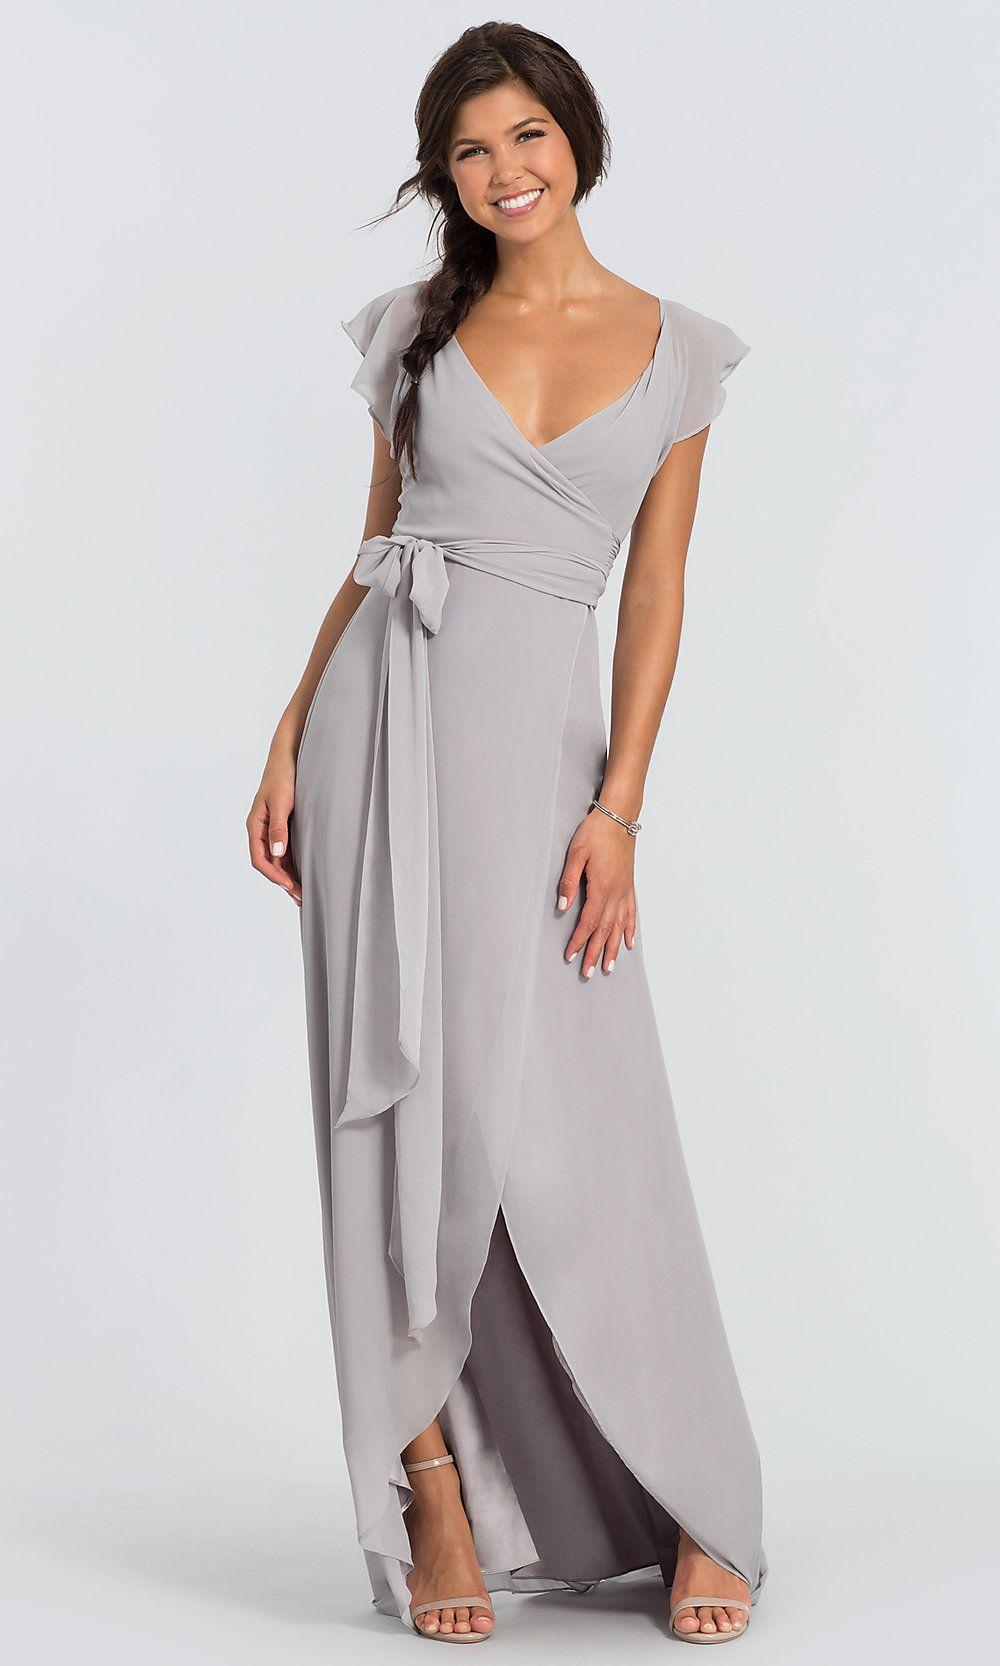 ce55926caa0 Dorian Long Chiffon V-Neck Wrap Bridesmaid Dress in 2019